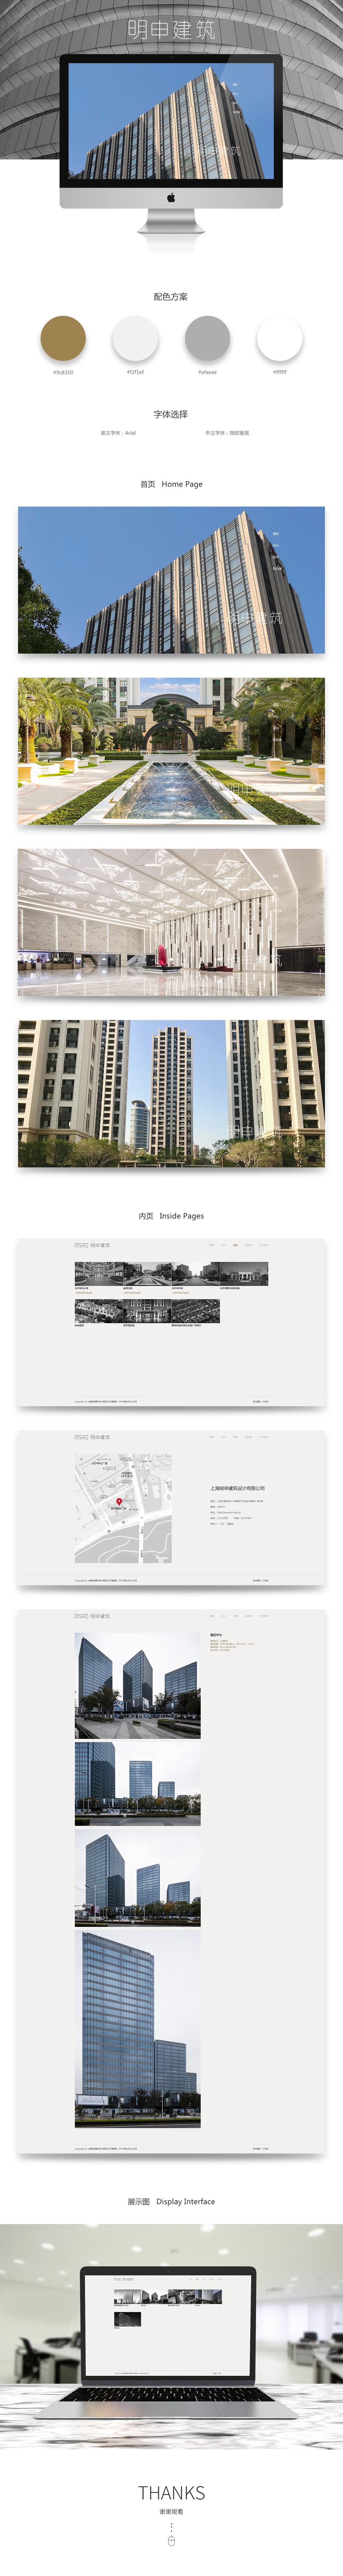 公司案例展示2018-29上海明申建筑設計有限公司